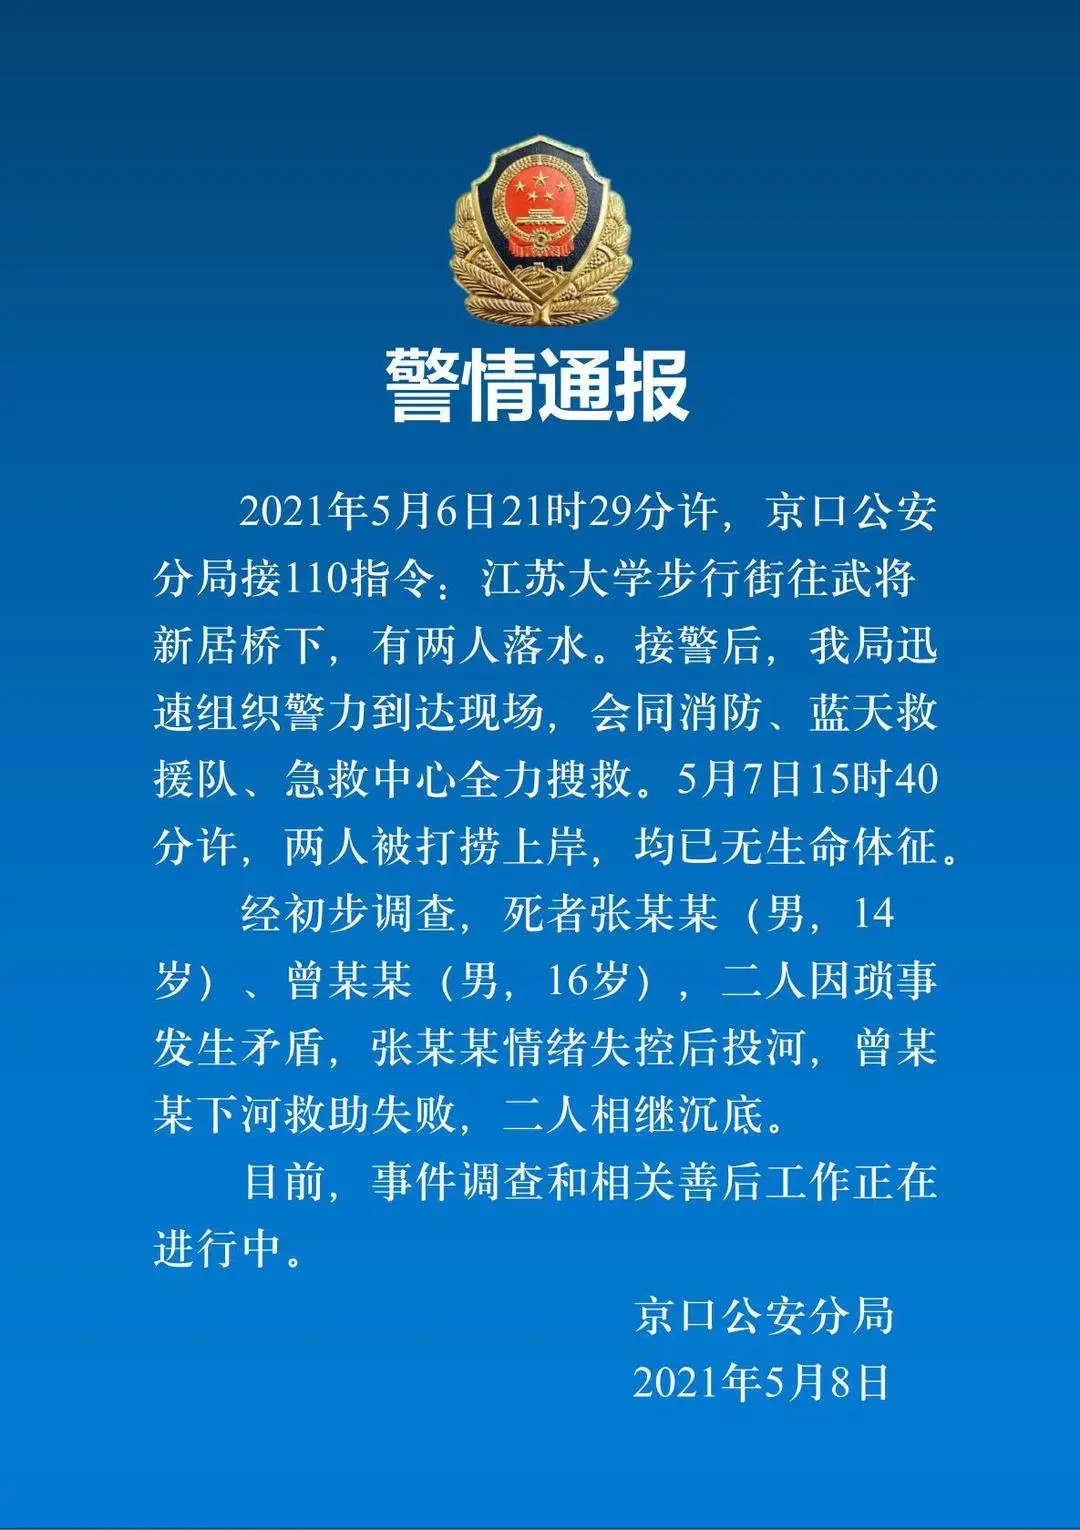 警方通报镇江两名男孩溺亡:二人发生矛盾,一人投河一人救助相继沉底